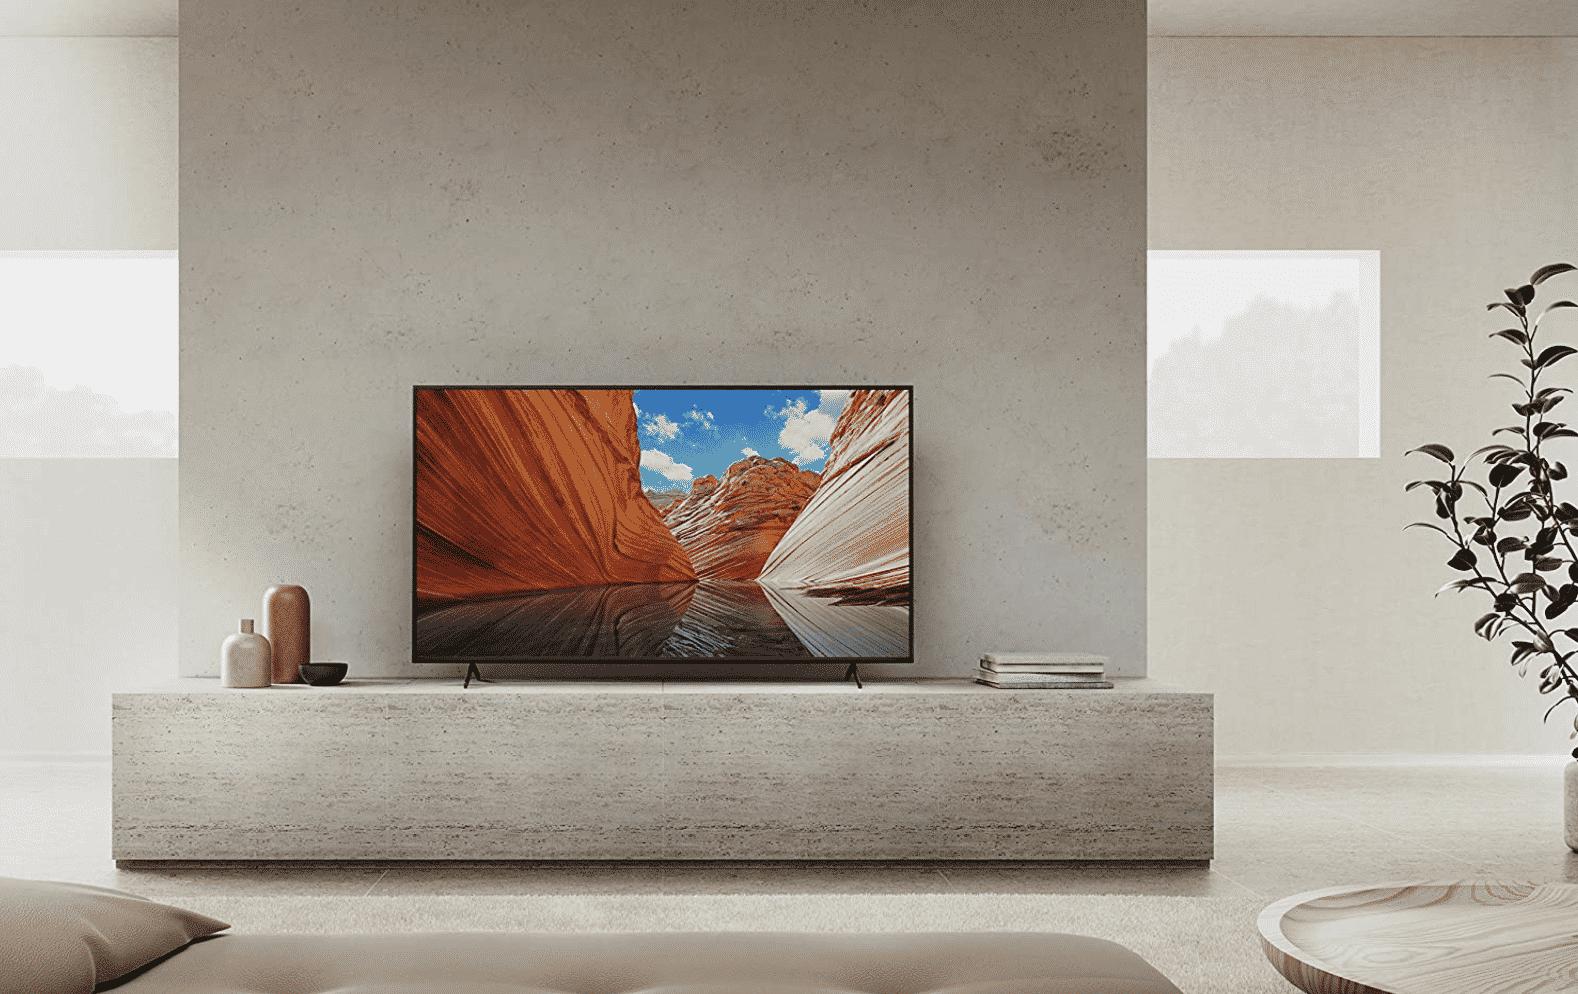 Sony's 75 inch 4K Google TV